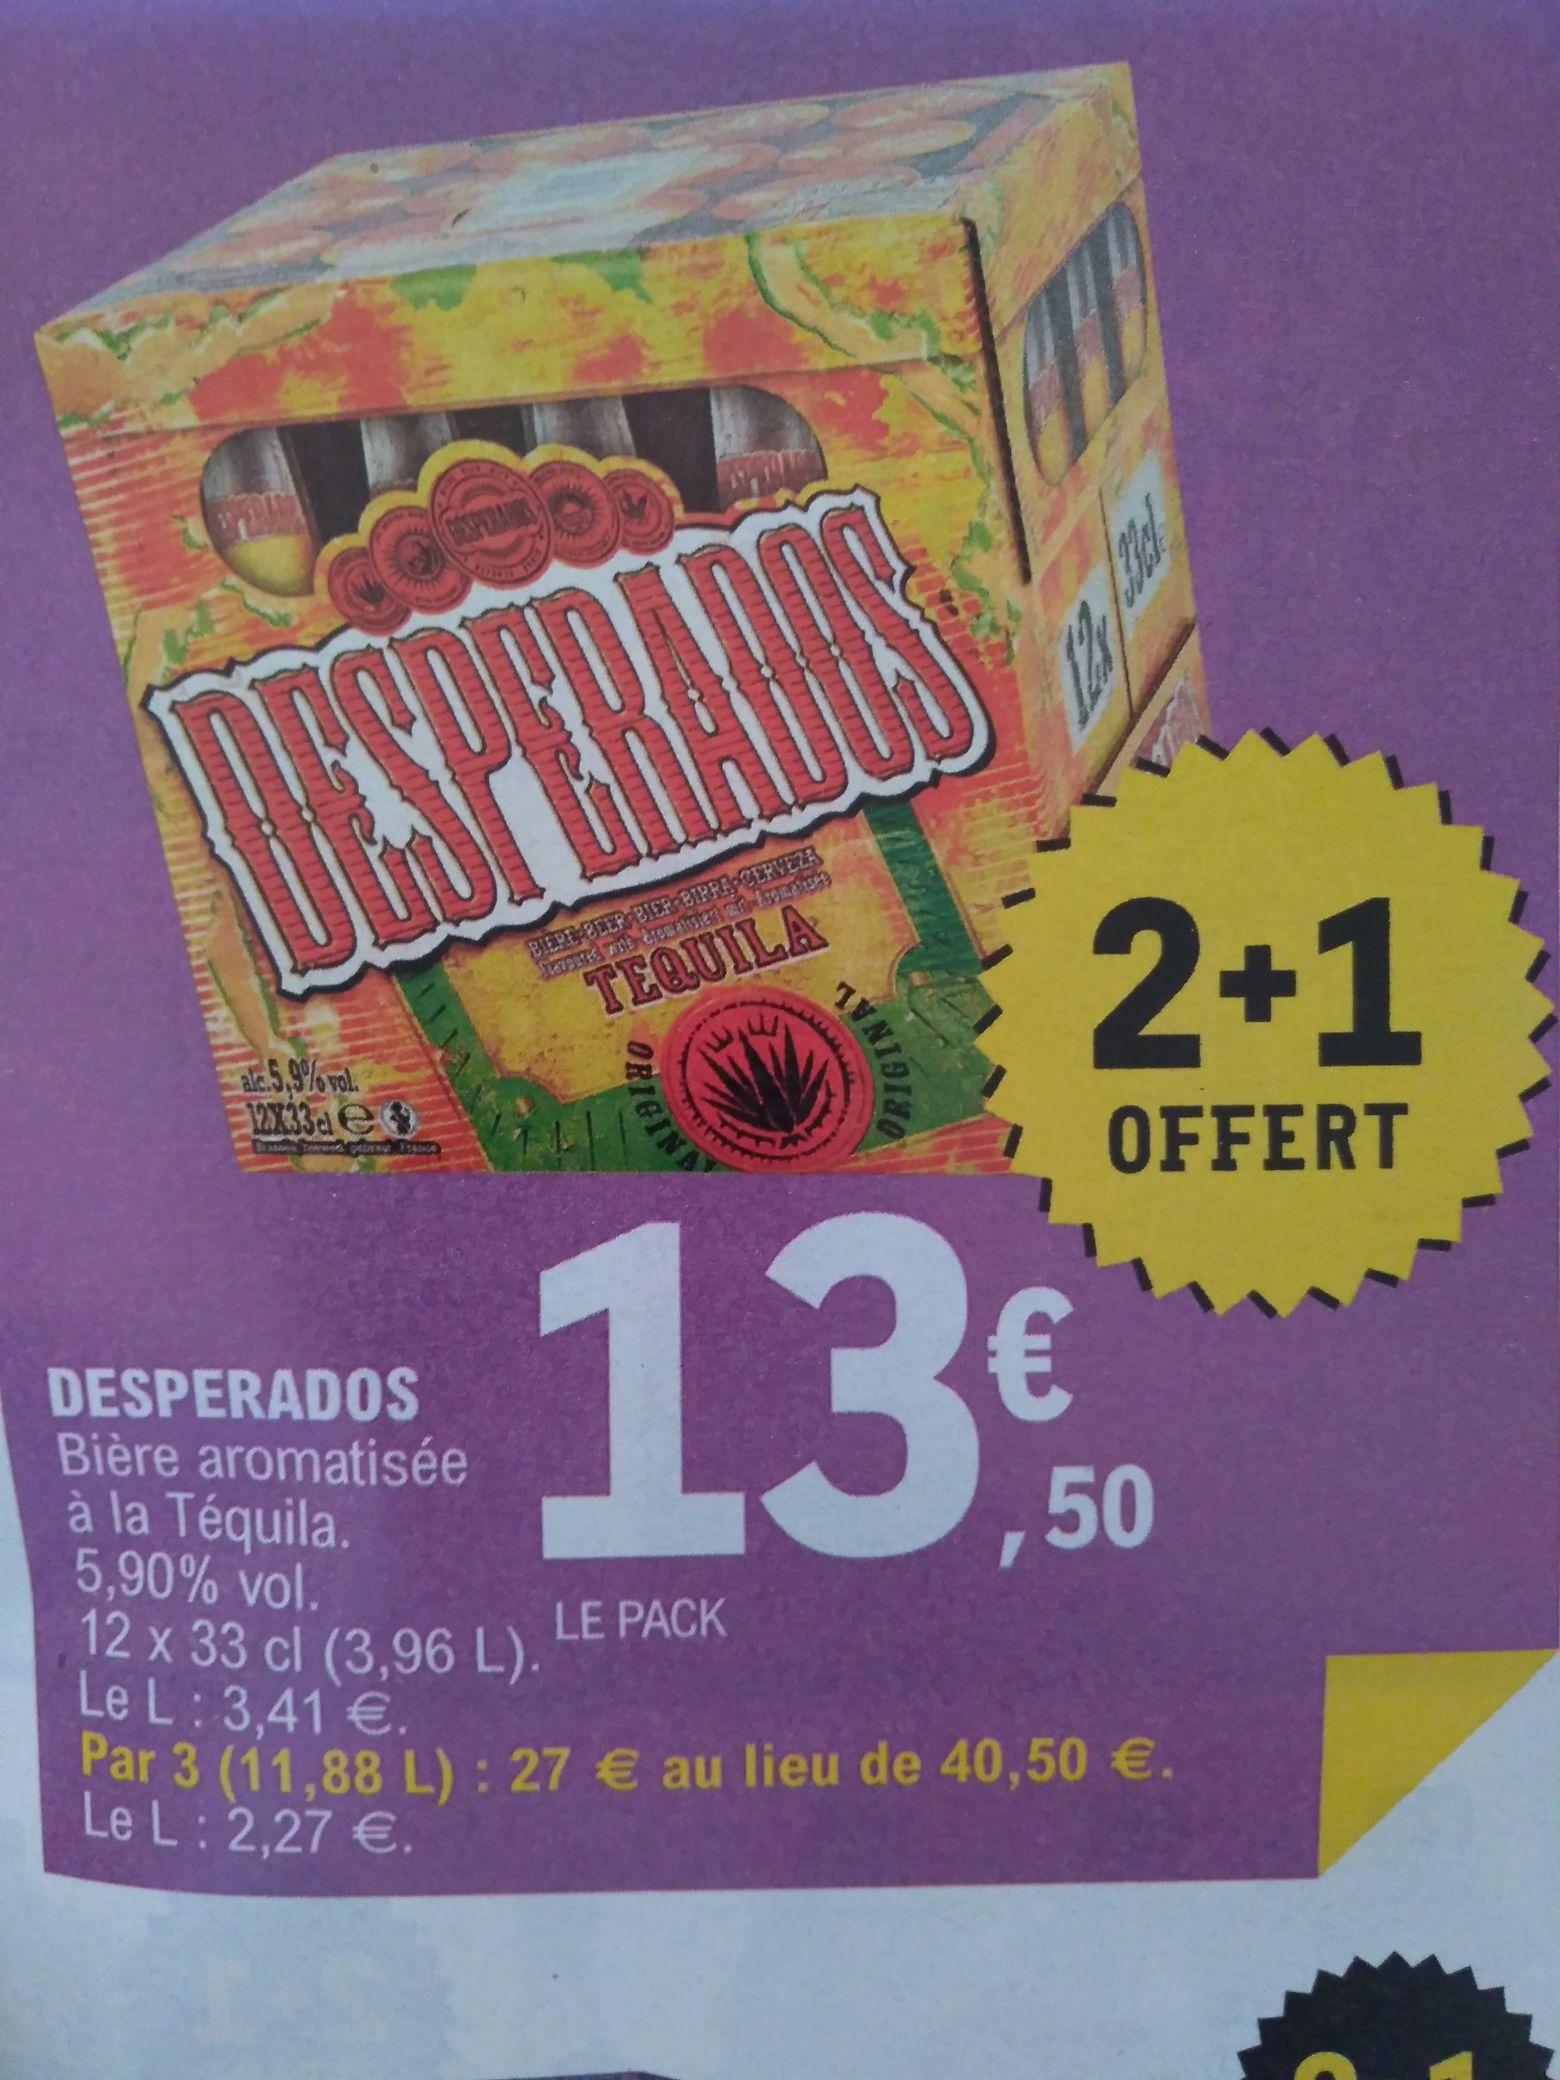 3 Packs de bières Desperados - 12 x 33cl